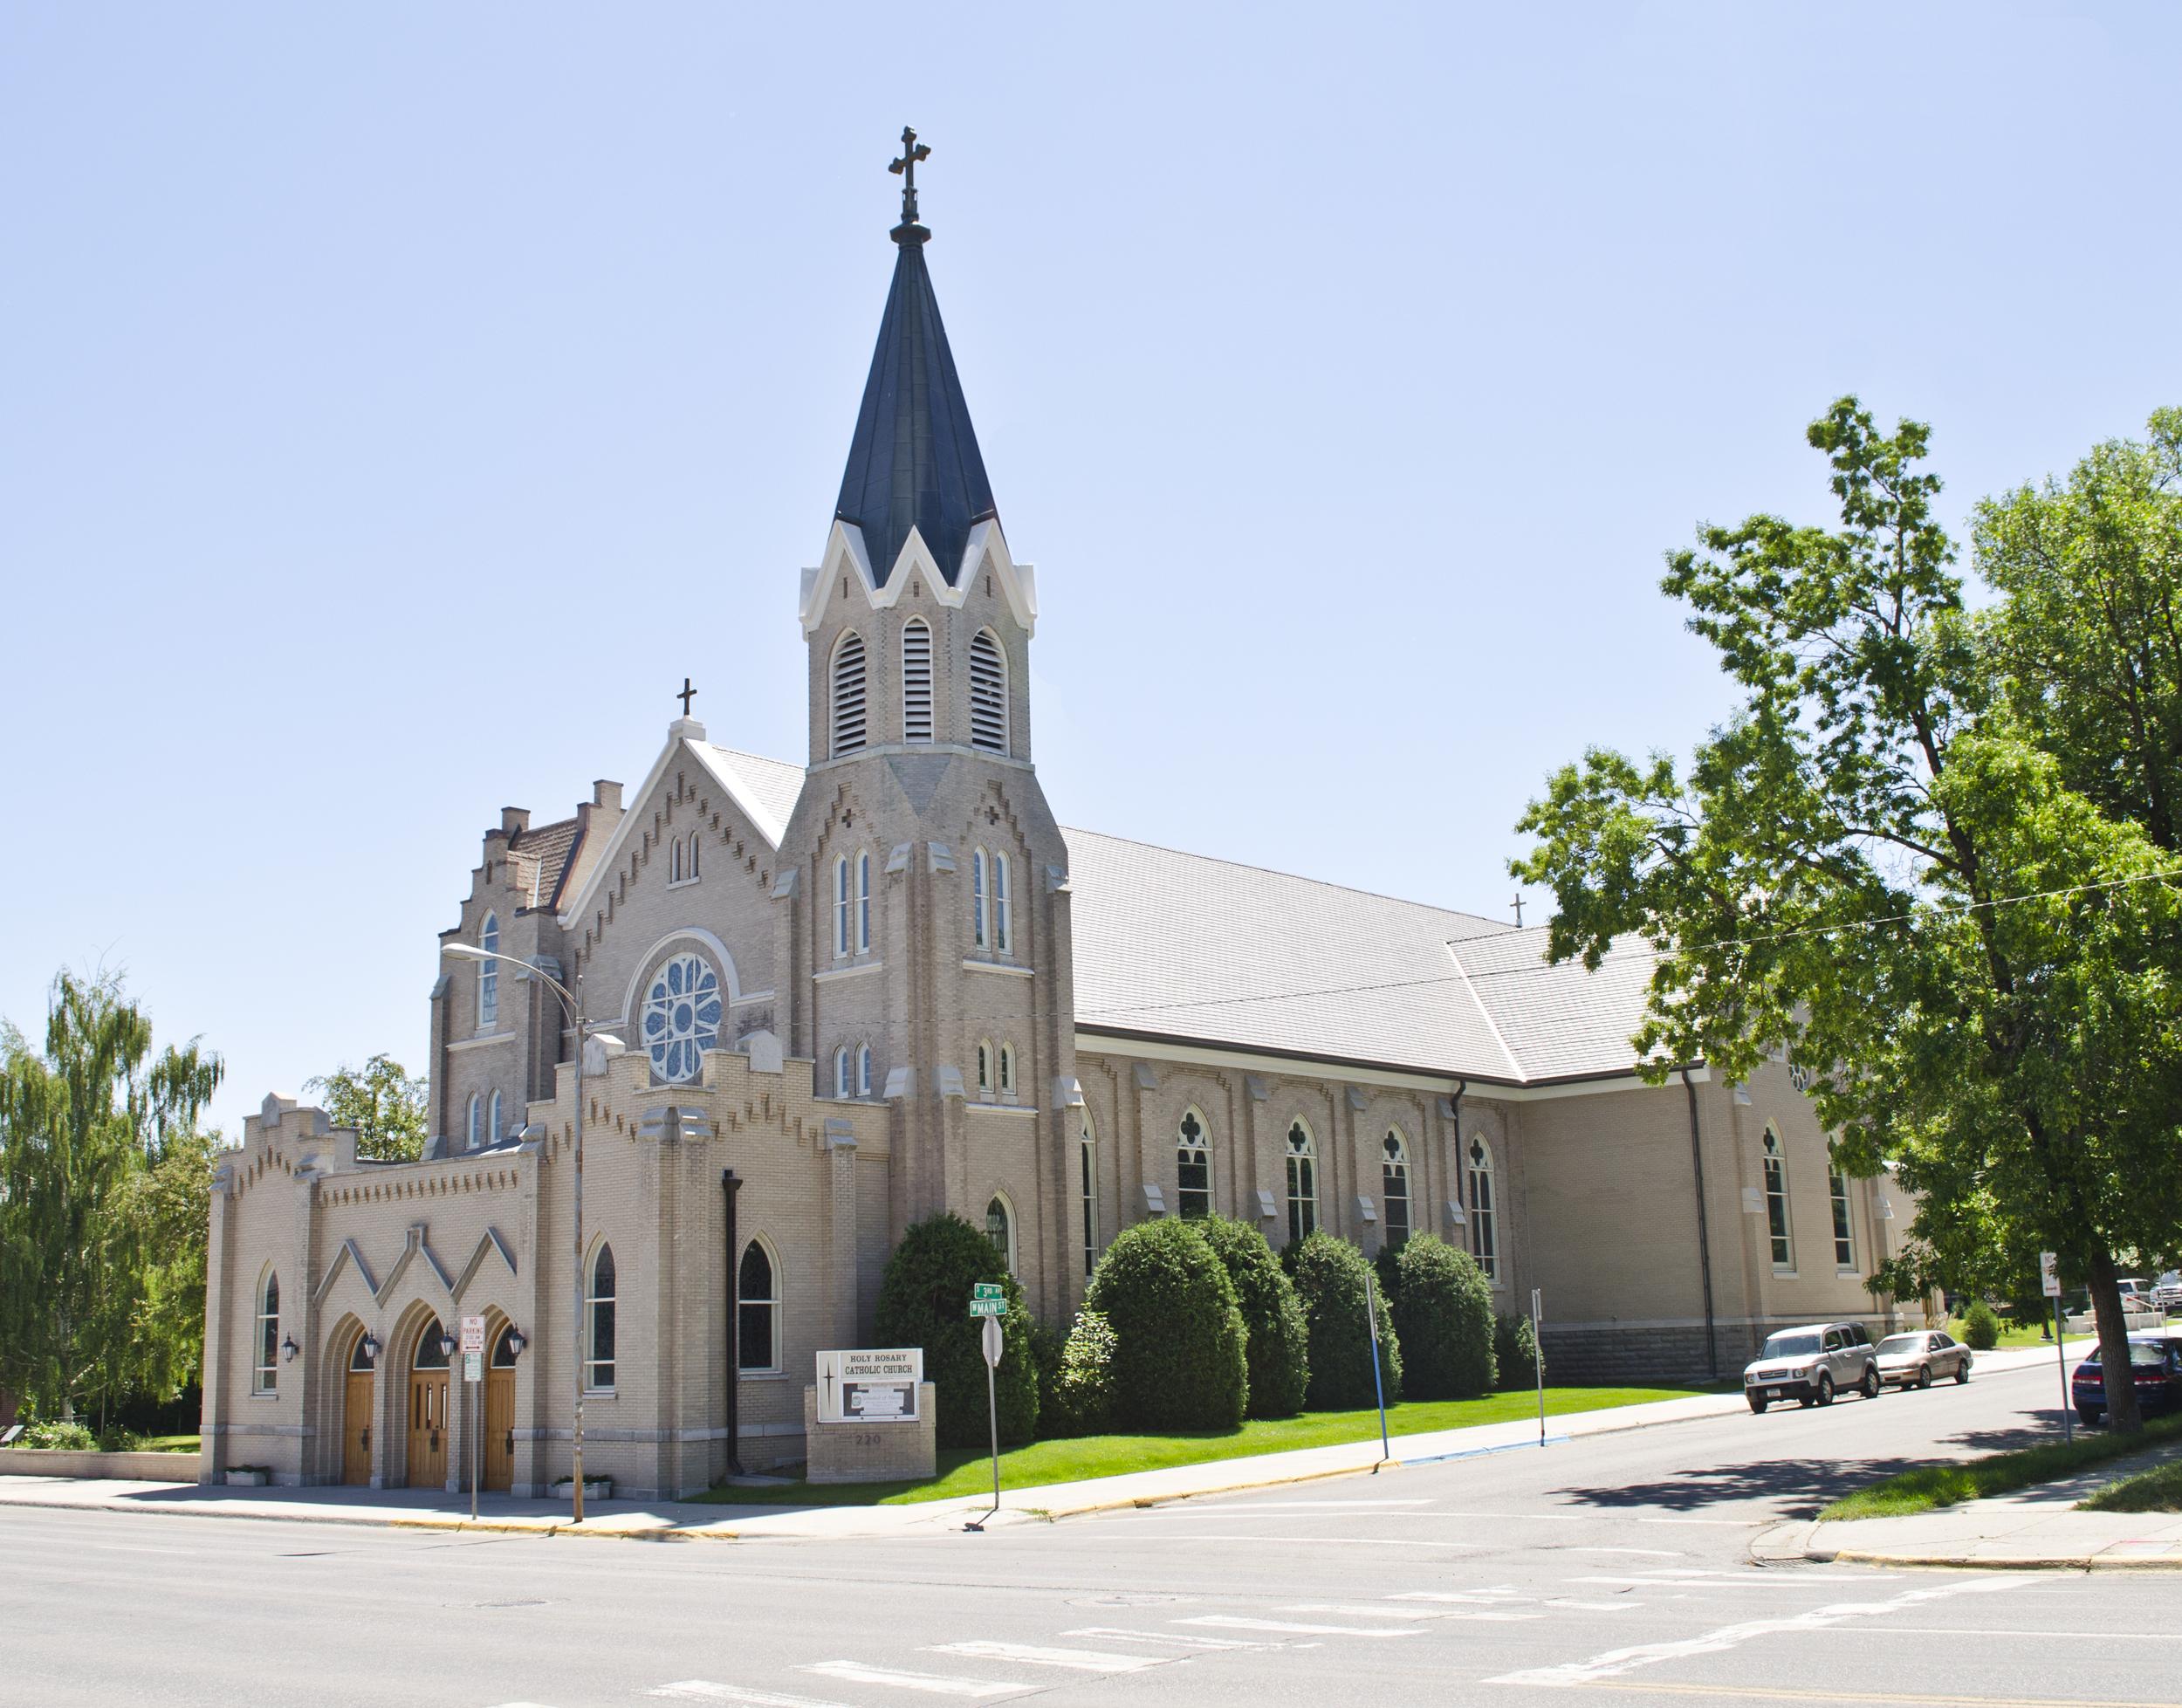 File:Looking SE at Holy Rosary Church - Bozeman Montana - 2013-070-09.jpg